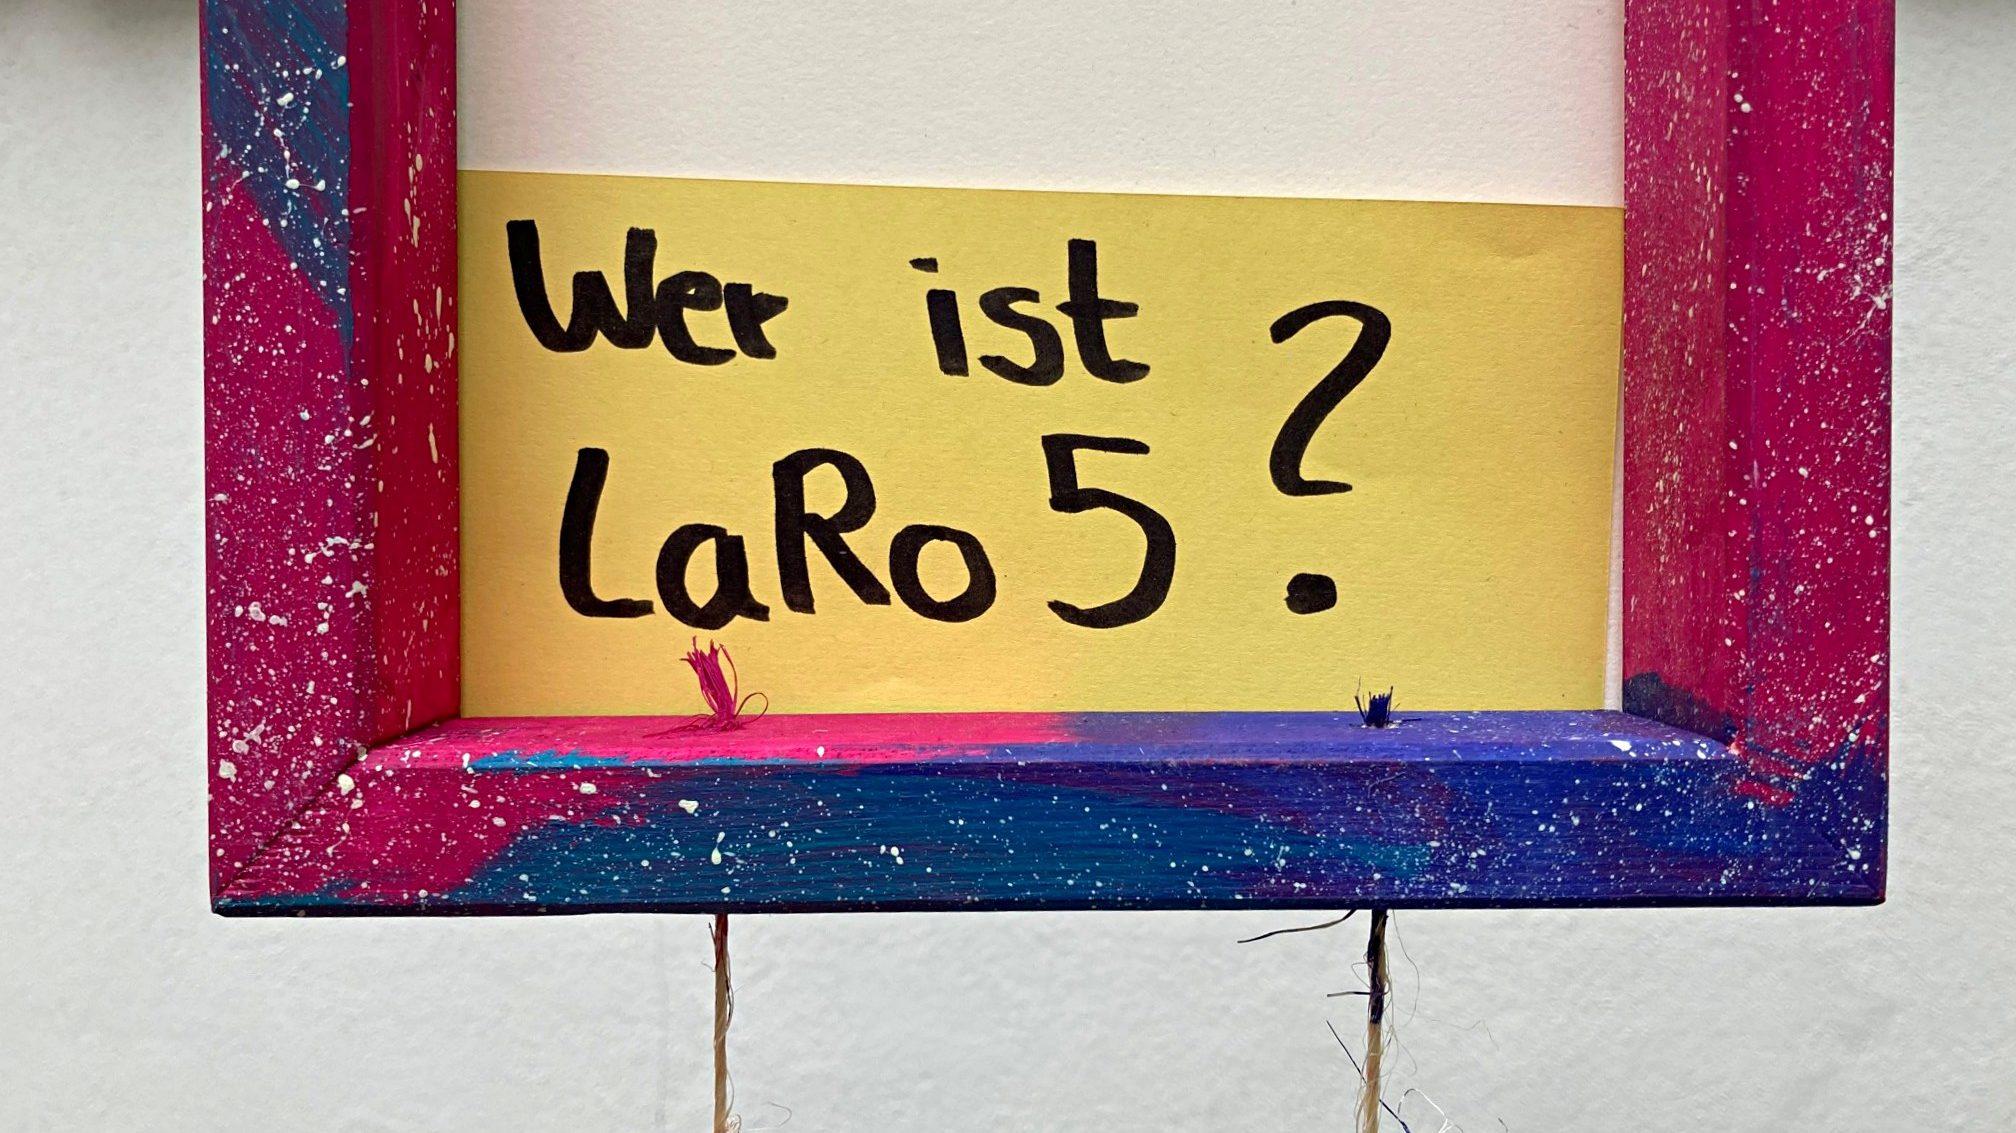 Wer ist LaRo5?